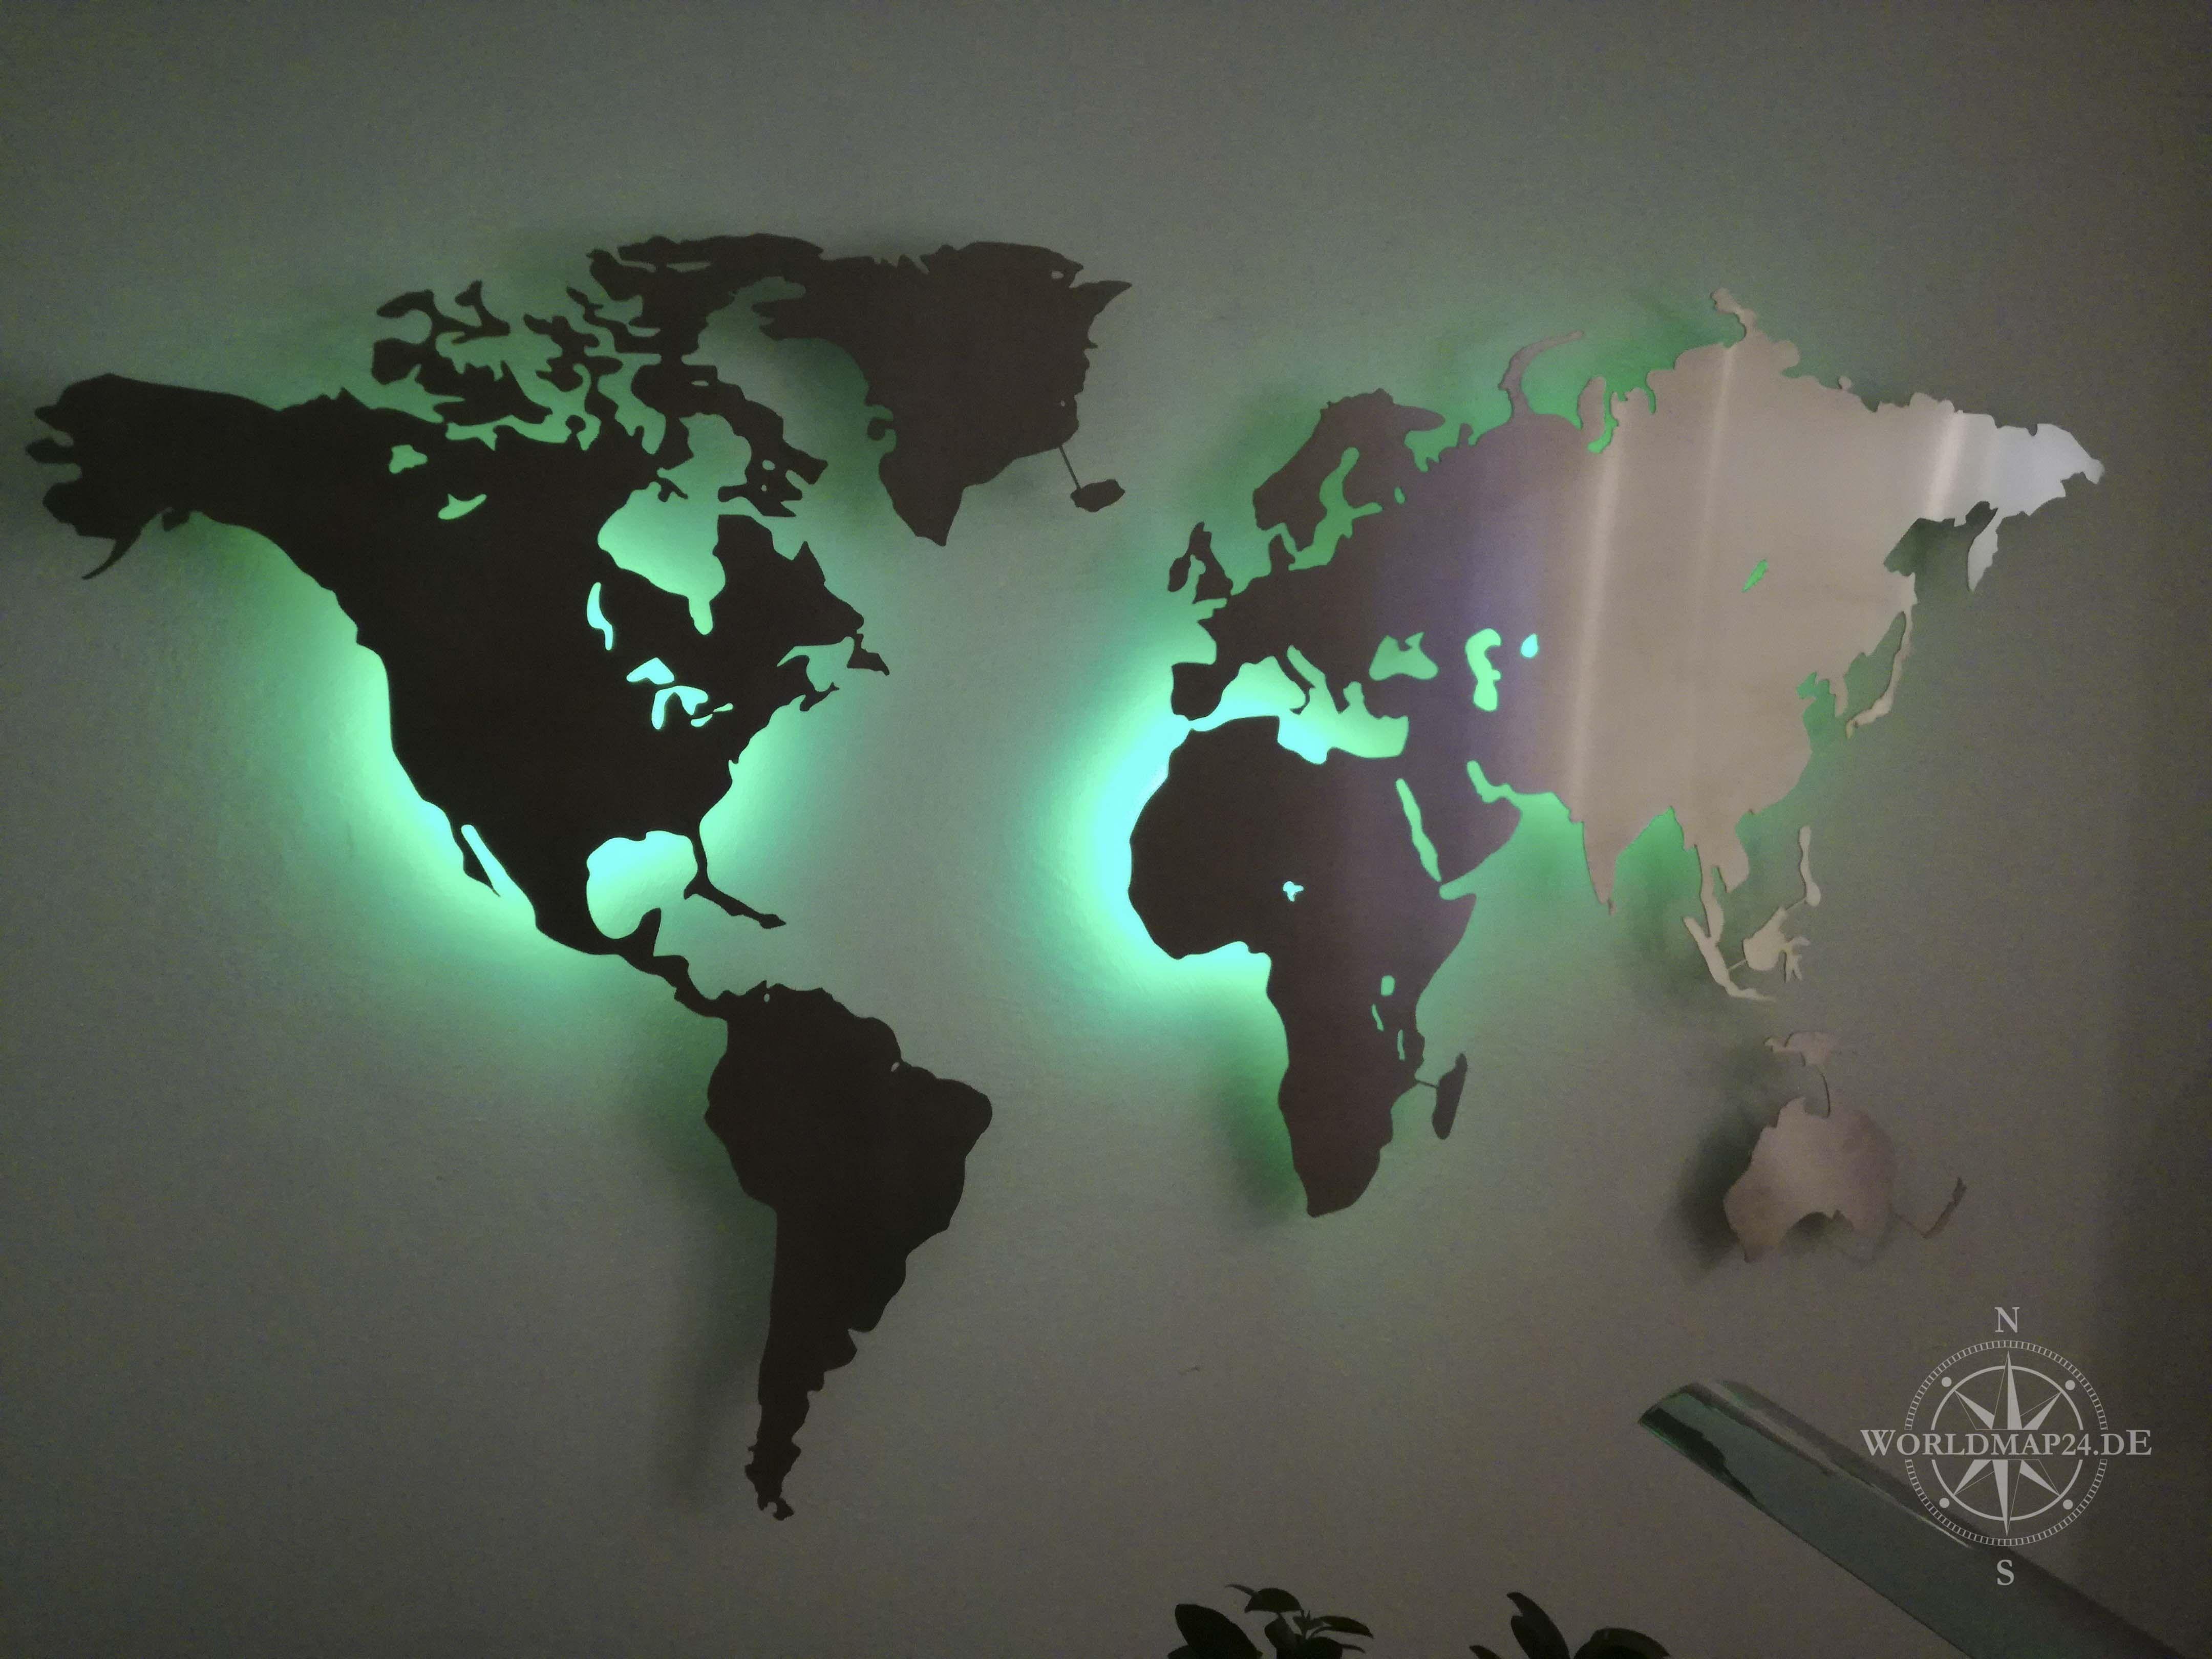 Anspruchsvoll Weltkarte Wand Ideen Von Beleuchtete Dekoration Aus Edelstahl Rbg